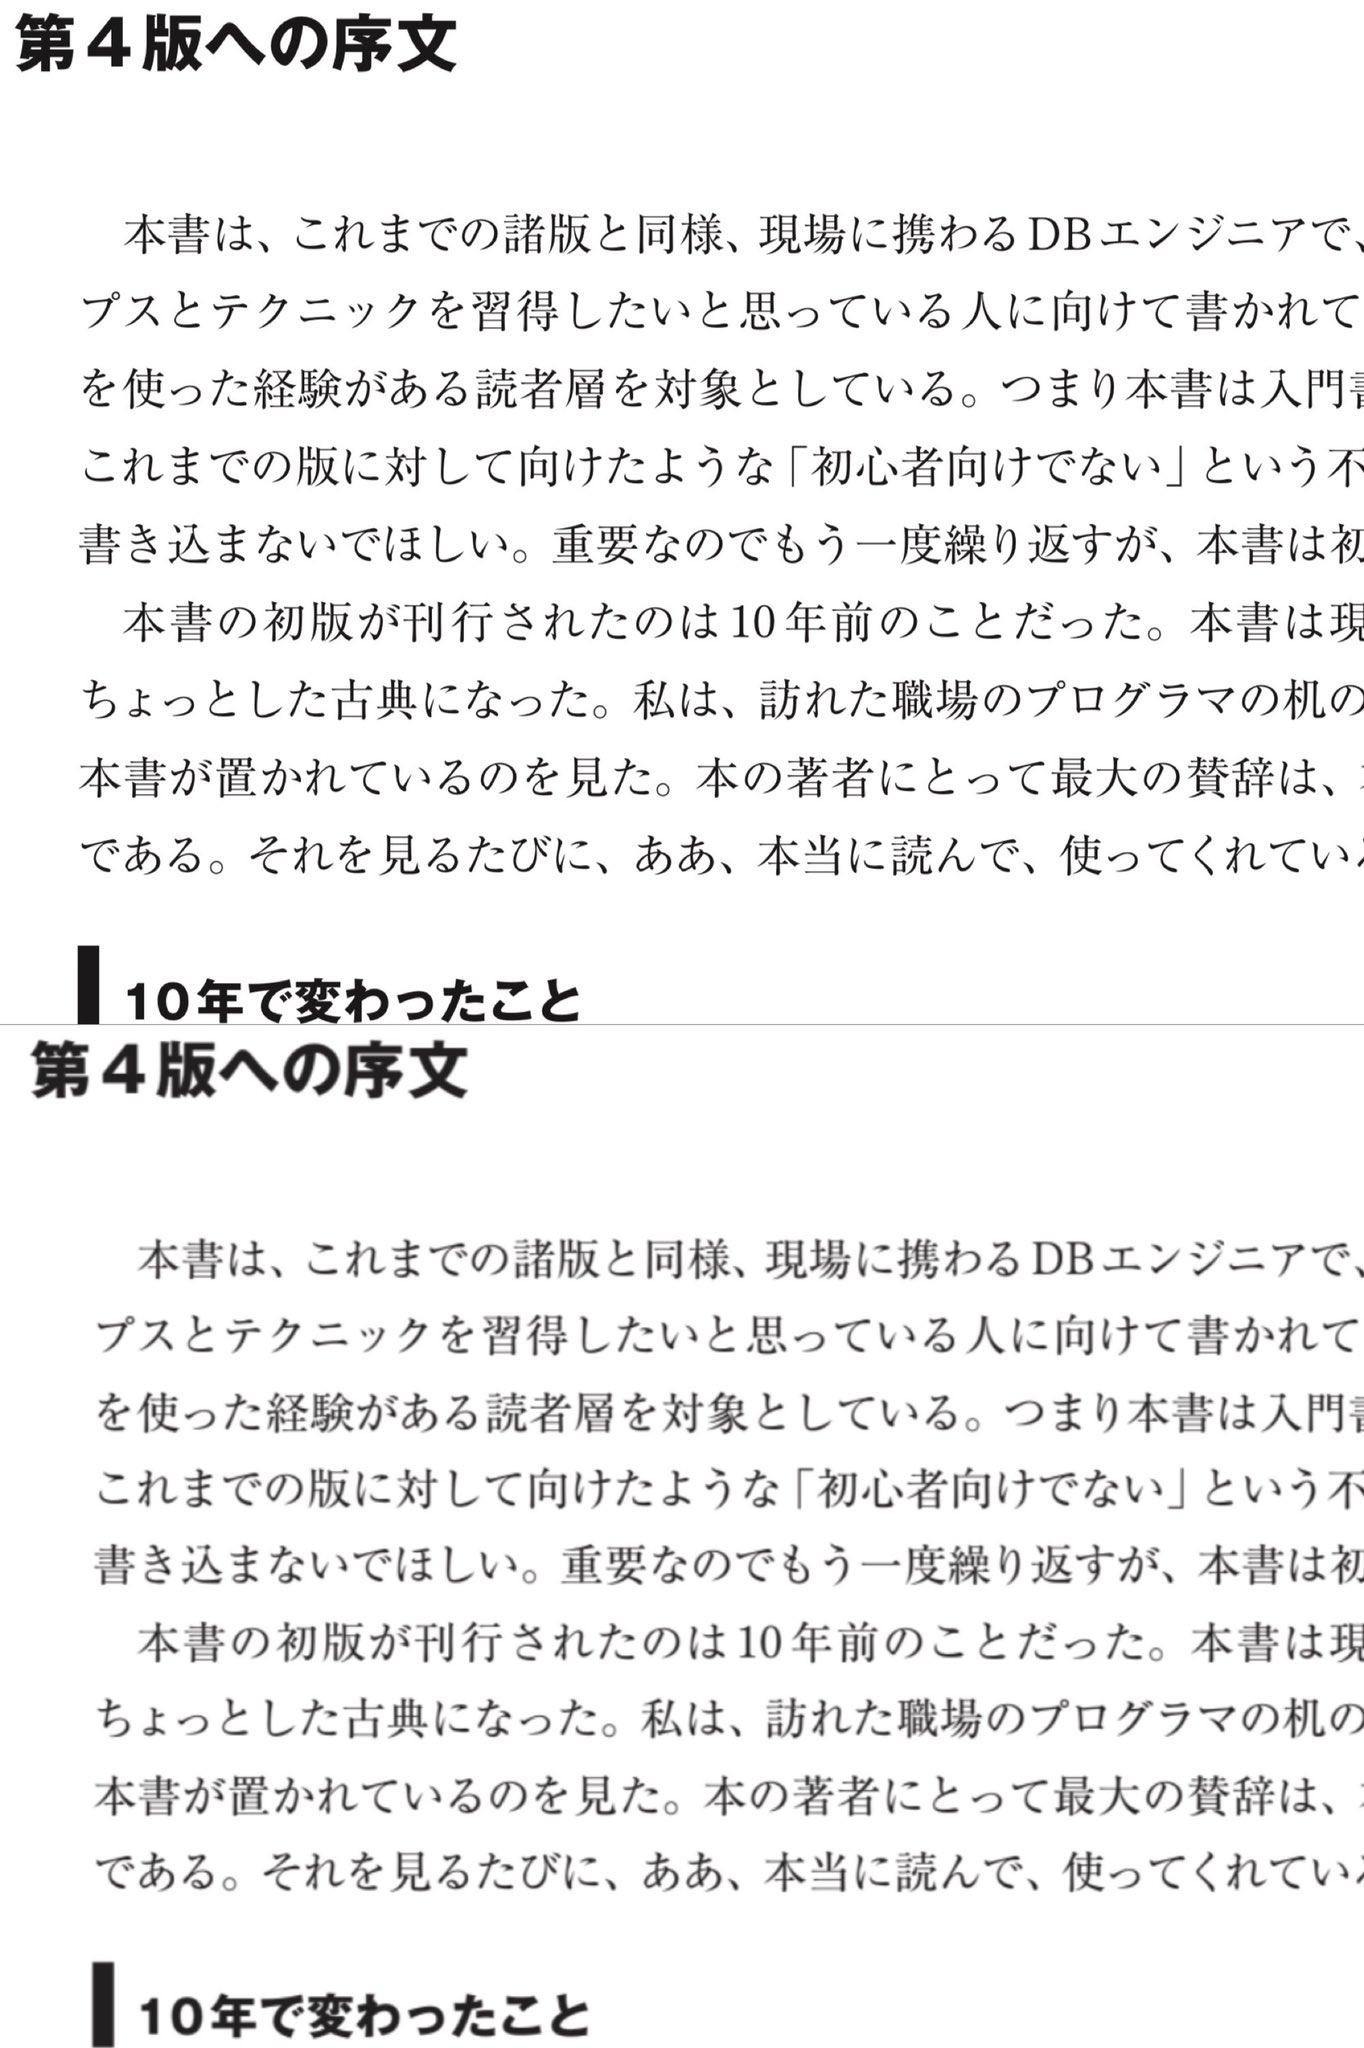 Apple Books 🆚 Google Play Books PDFファイルをアップロードしたのに、なぜGoogleのほうは文字がぼやっとしてしまうのか。 https://t.co/yKHhXQaOVK